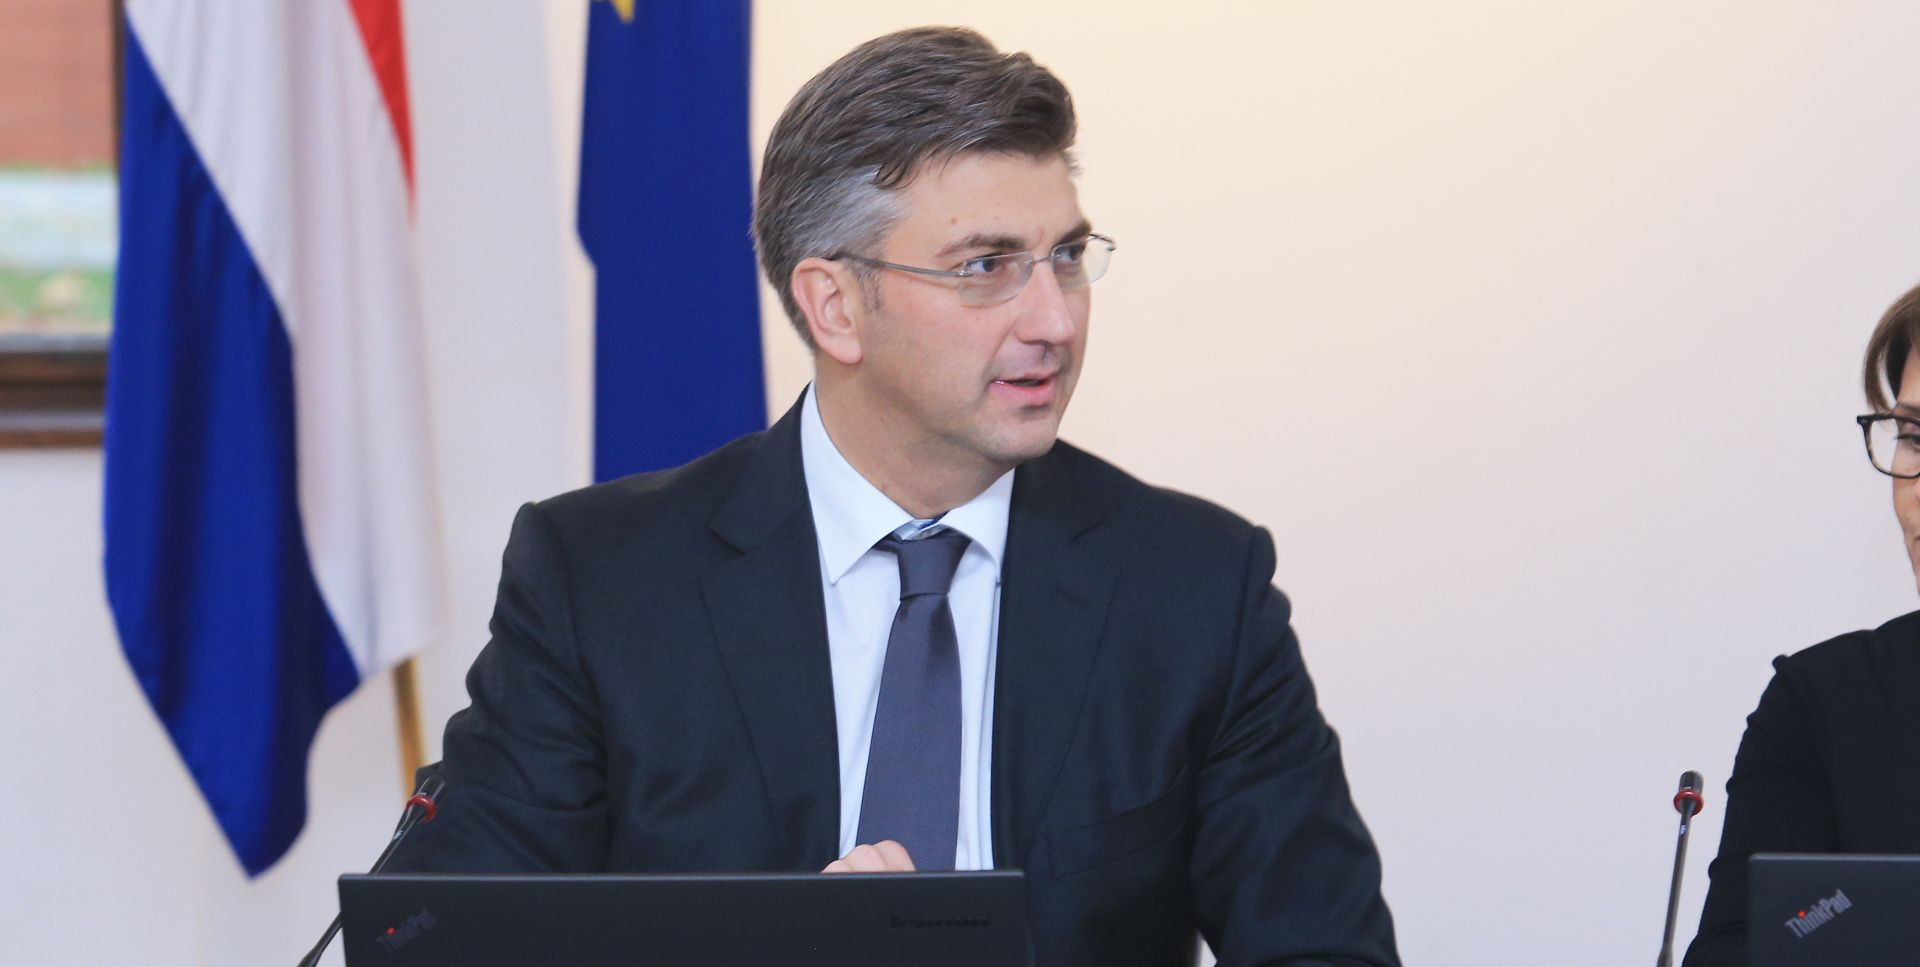 Plenković: Veća izdvajanja za obranu, ali ne 2 posto BDP-a